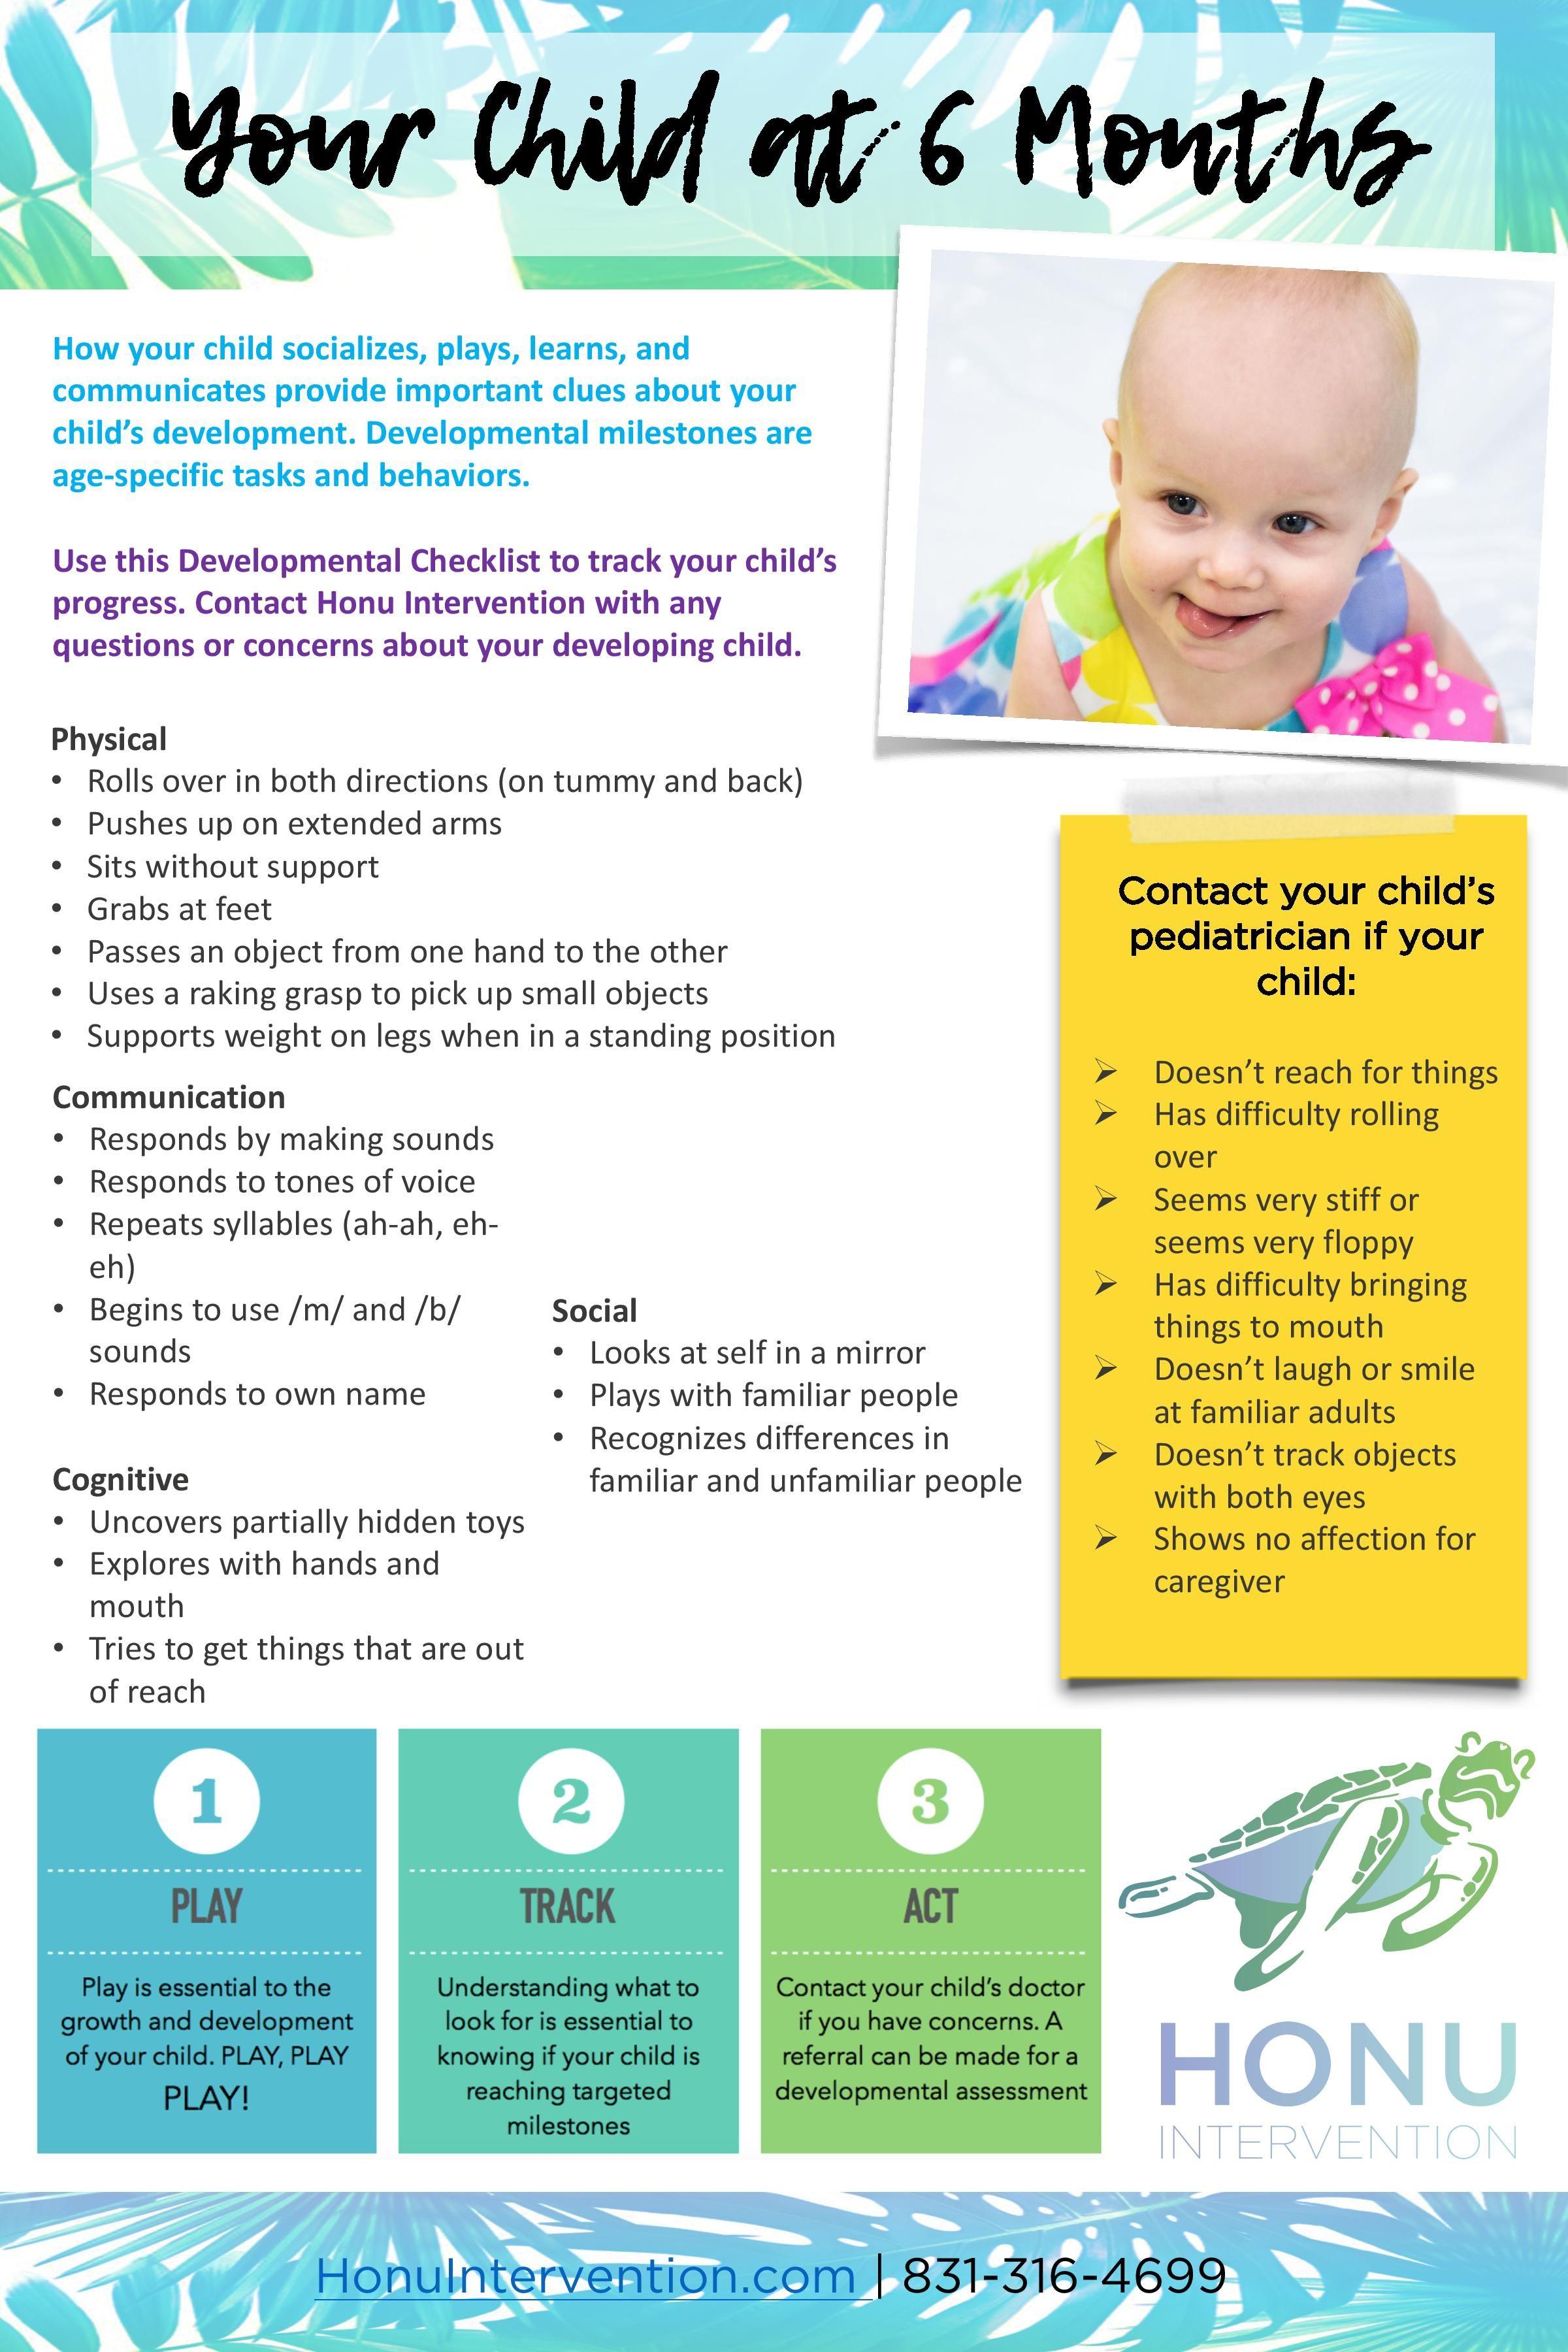 Your Child At 6 Months Developmental Milestones Checklist Developmental Milestones Developmental Milestones Checklist Early Childhood Education Resources